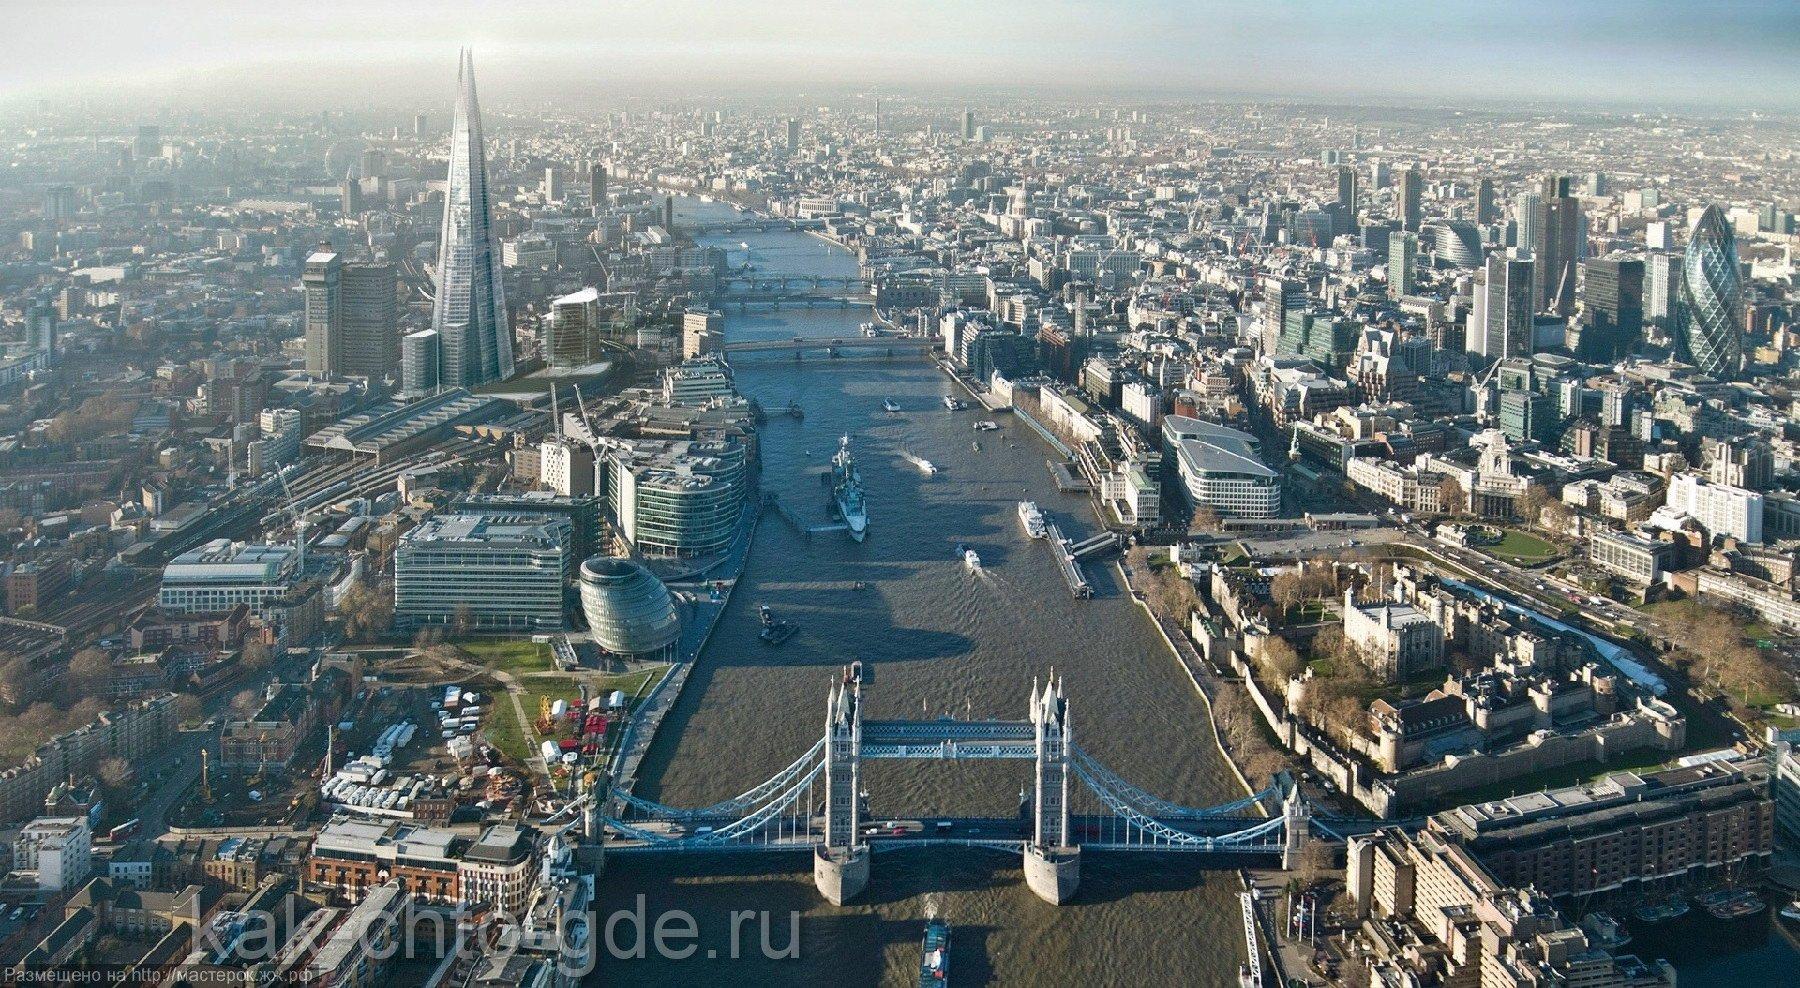 самые высокие здания мира Англия 310 метров